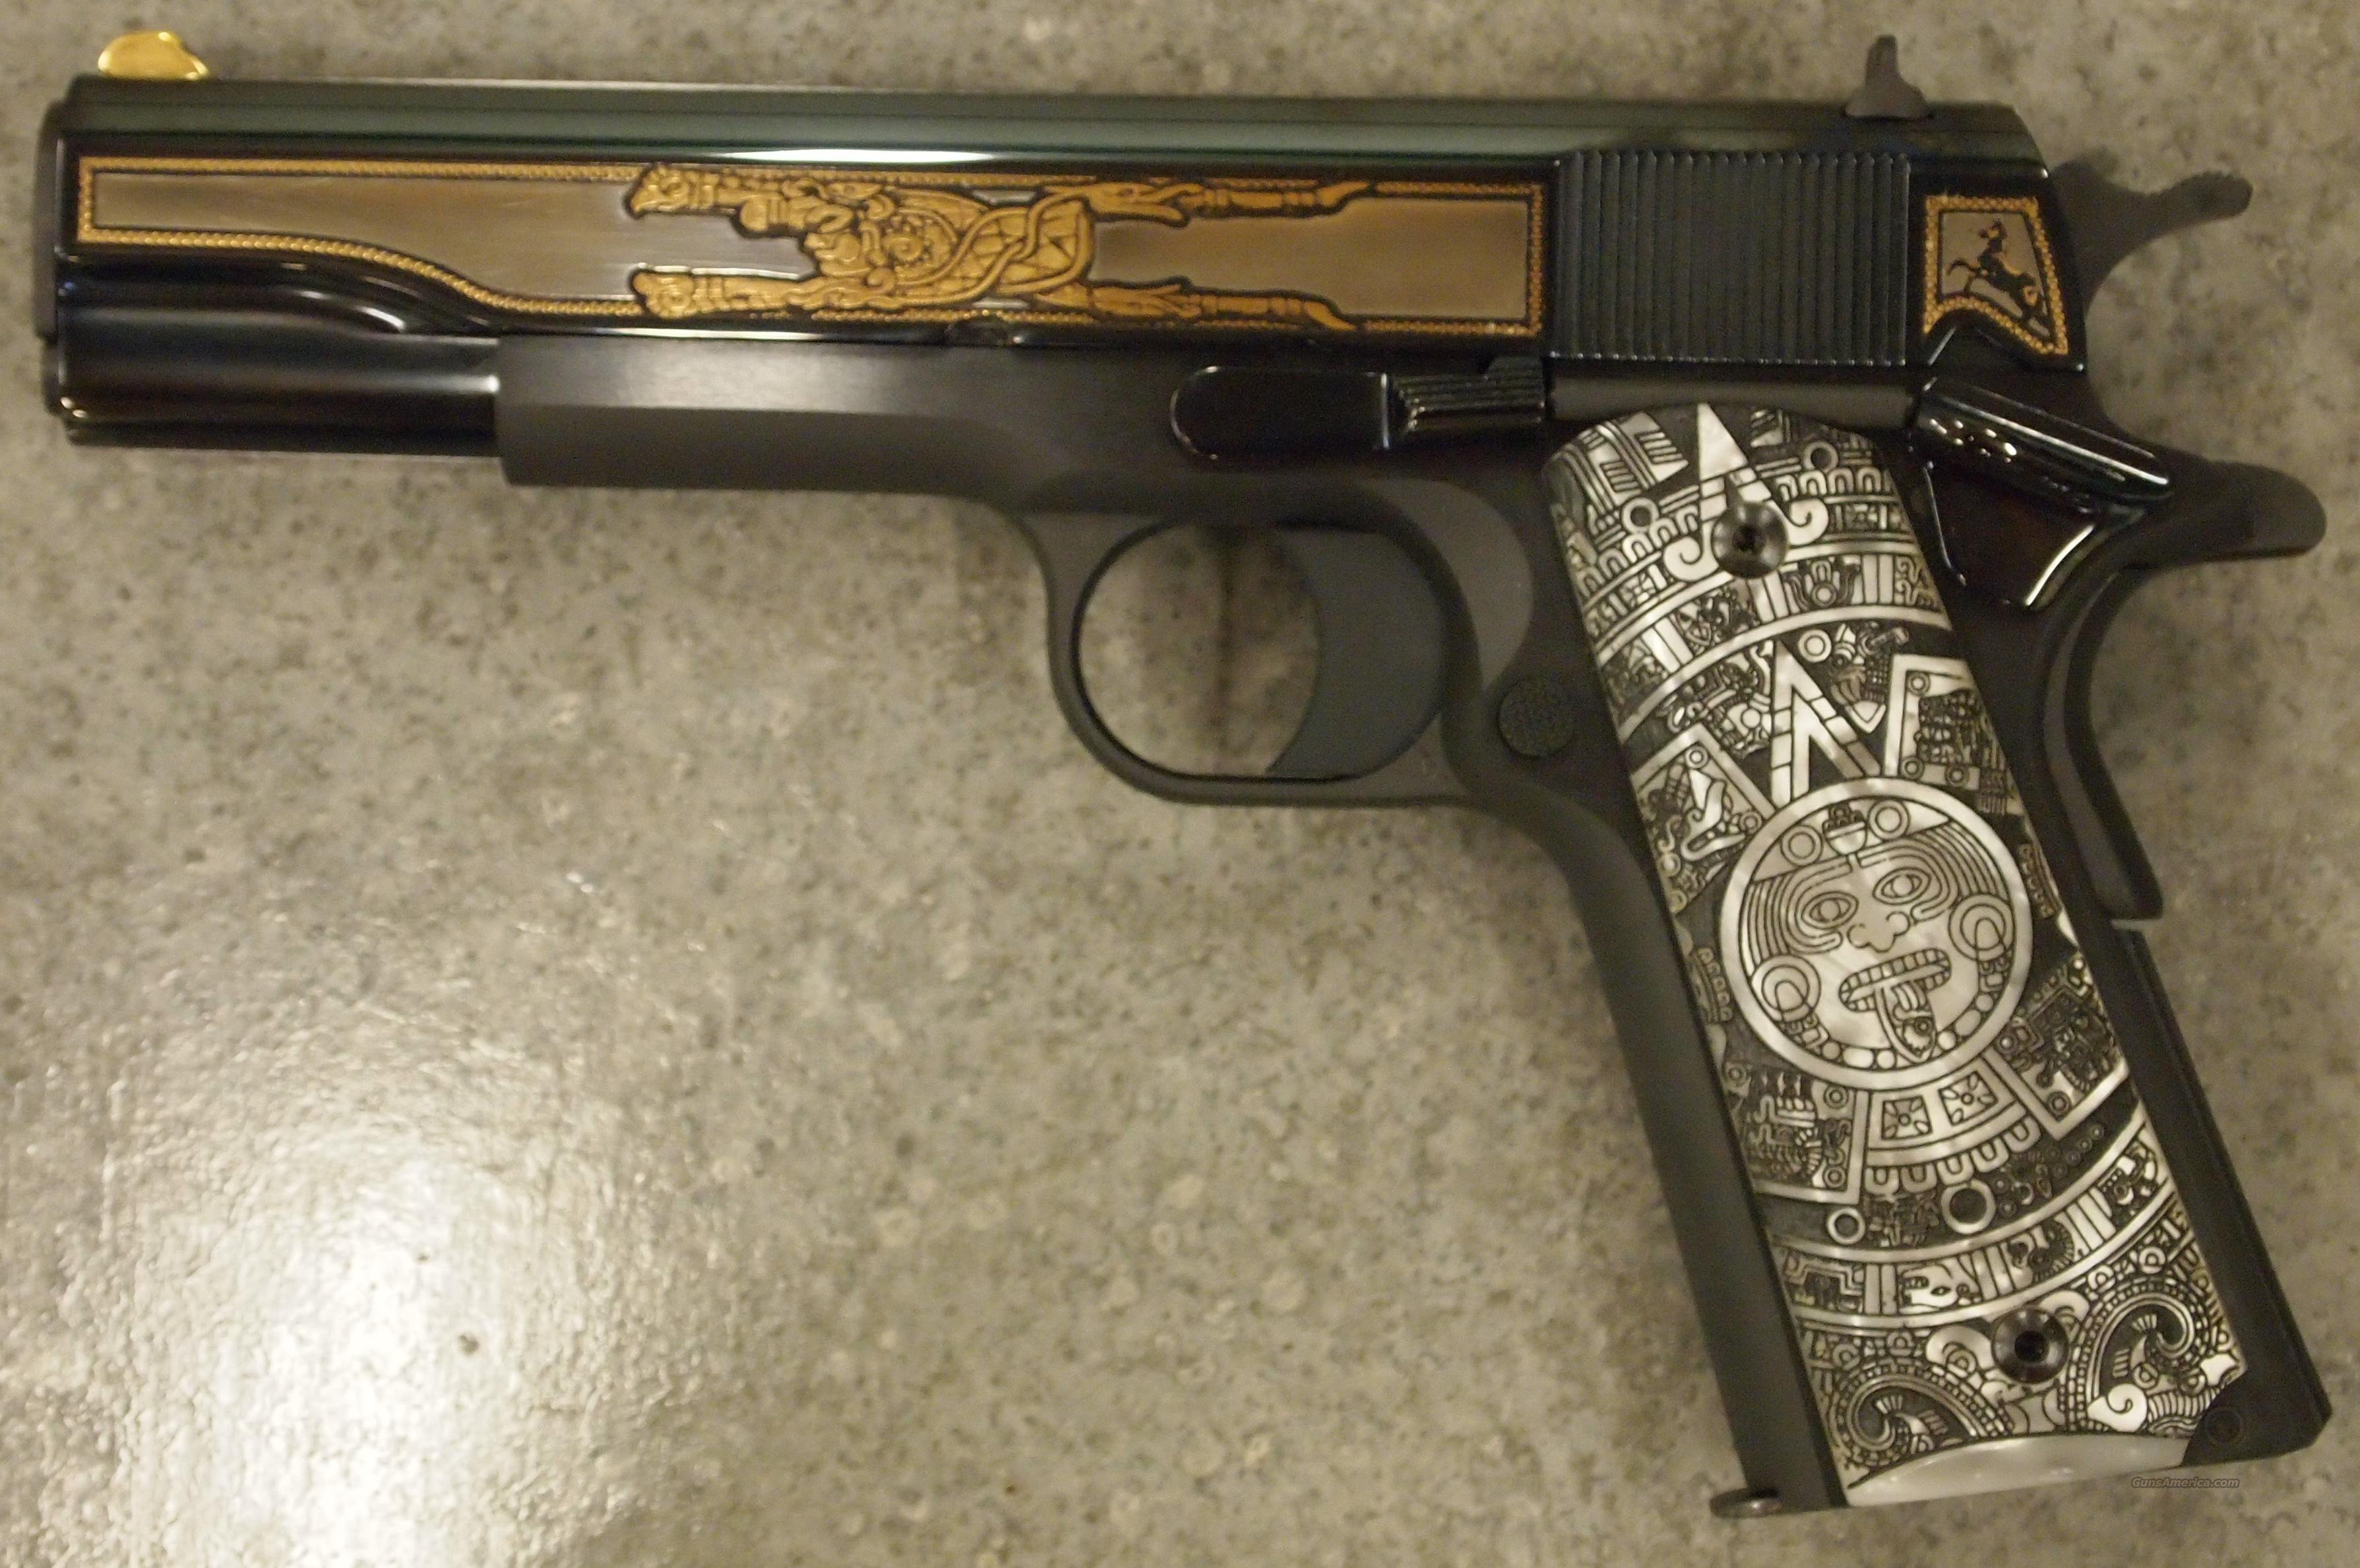 Similiar Gold 38 Keywords Diagram Colt 1911 Cup Lzk Gallery Aztec Super For Sale